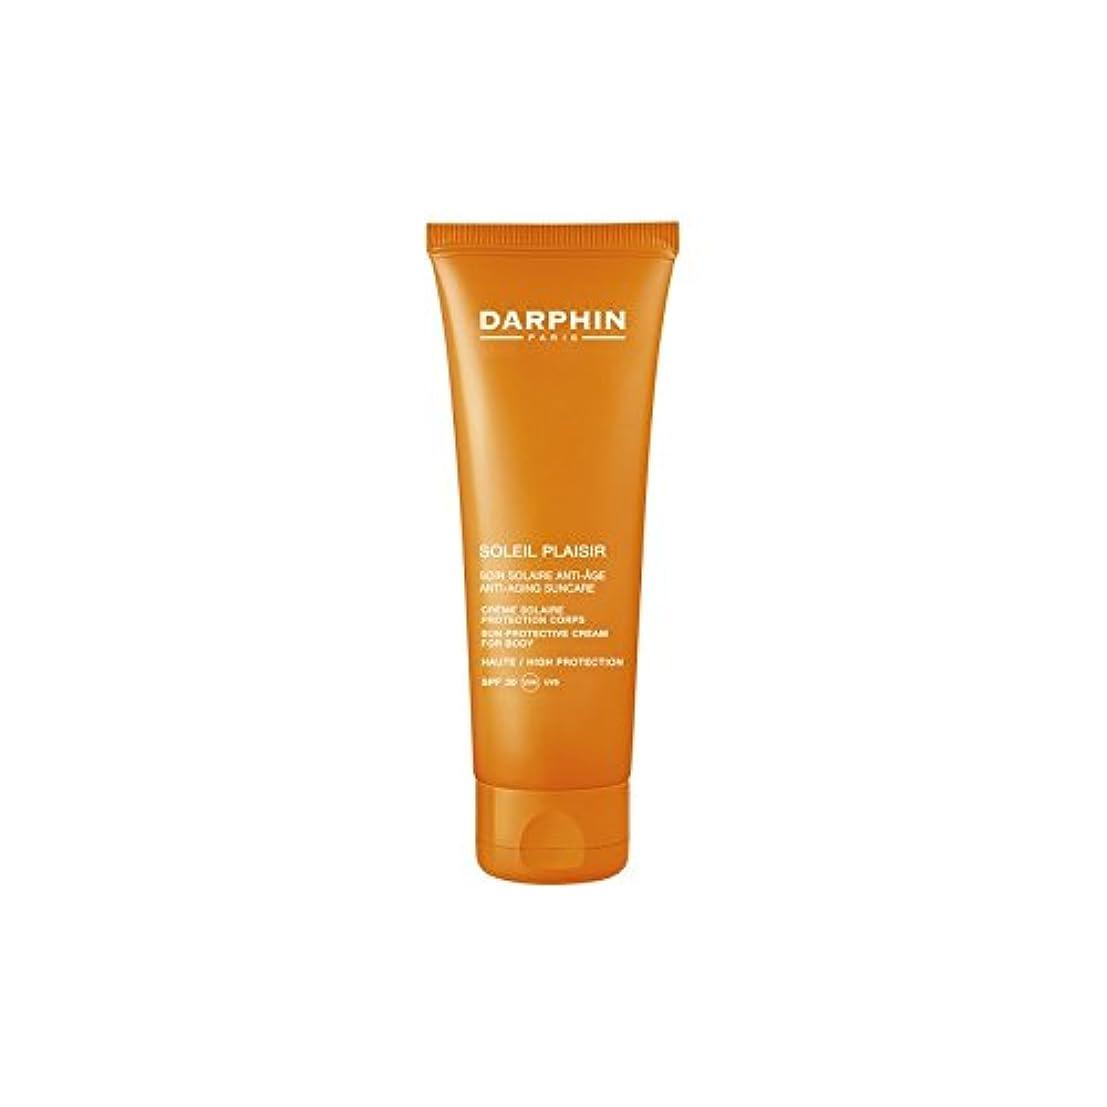 成長する絡み合い優先Darphin Soleil Plaisir Body Cream (Pack of 6) - ダルファンソレイユプレジールボディクリーム x6 [並行輸入品]